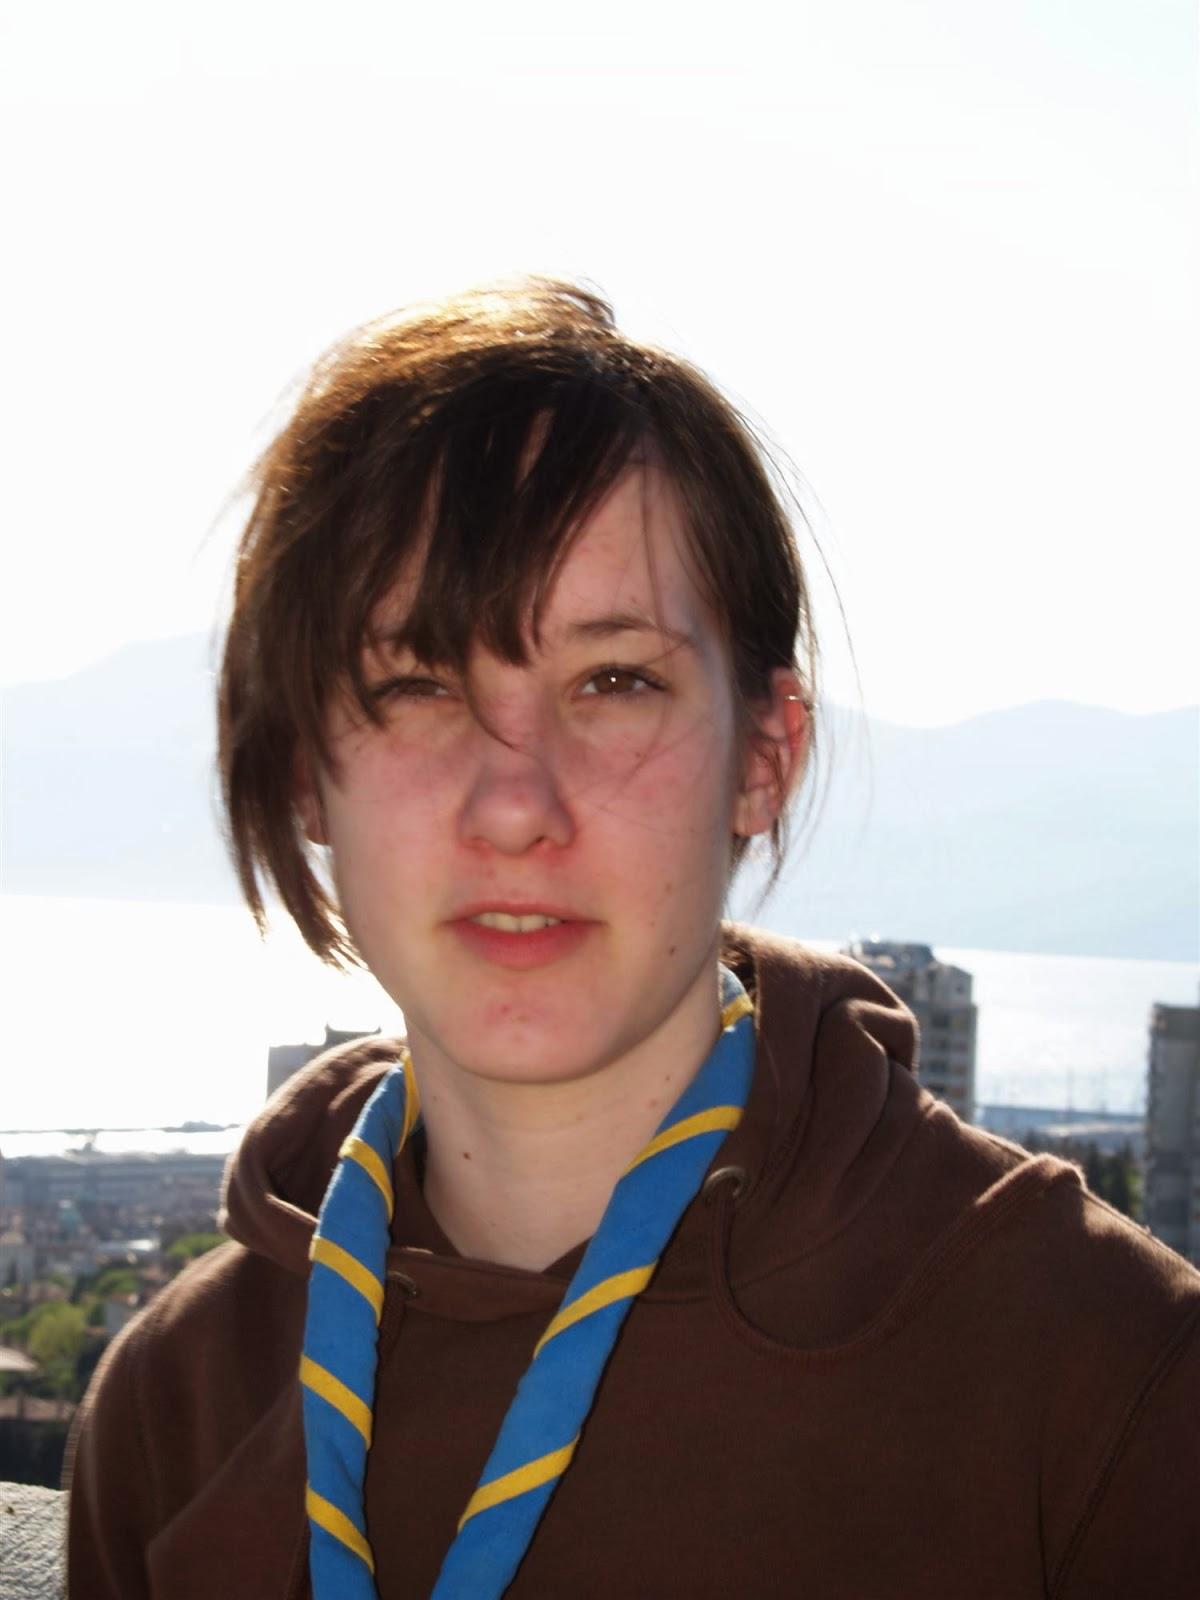 Popotniški spomladanski izlet, Istra 2007 - P0146300.JPG